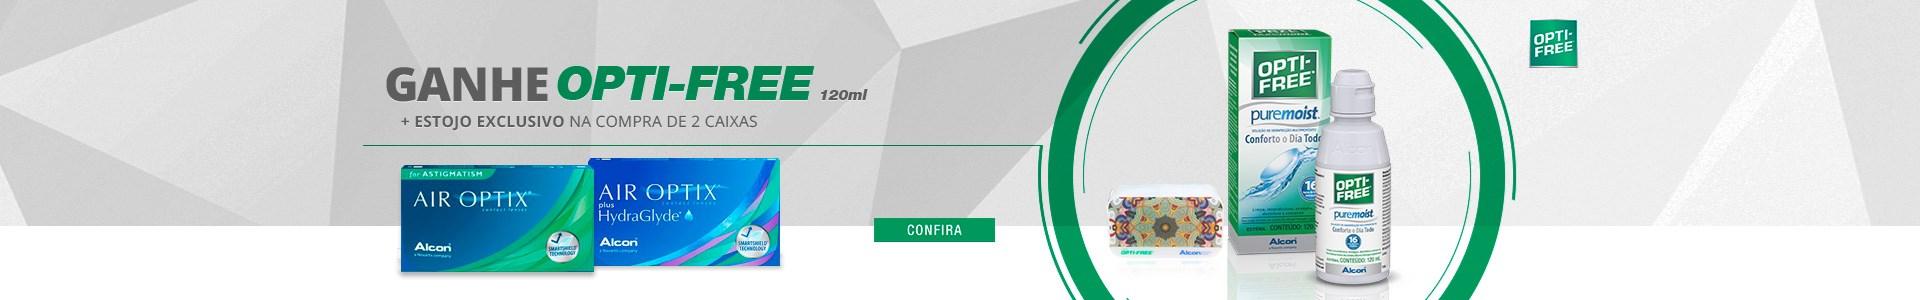 Ganhe Opti-Free 120ml na compra de 2 cxs da Alcon